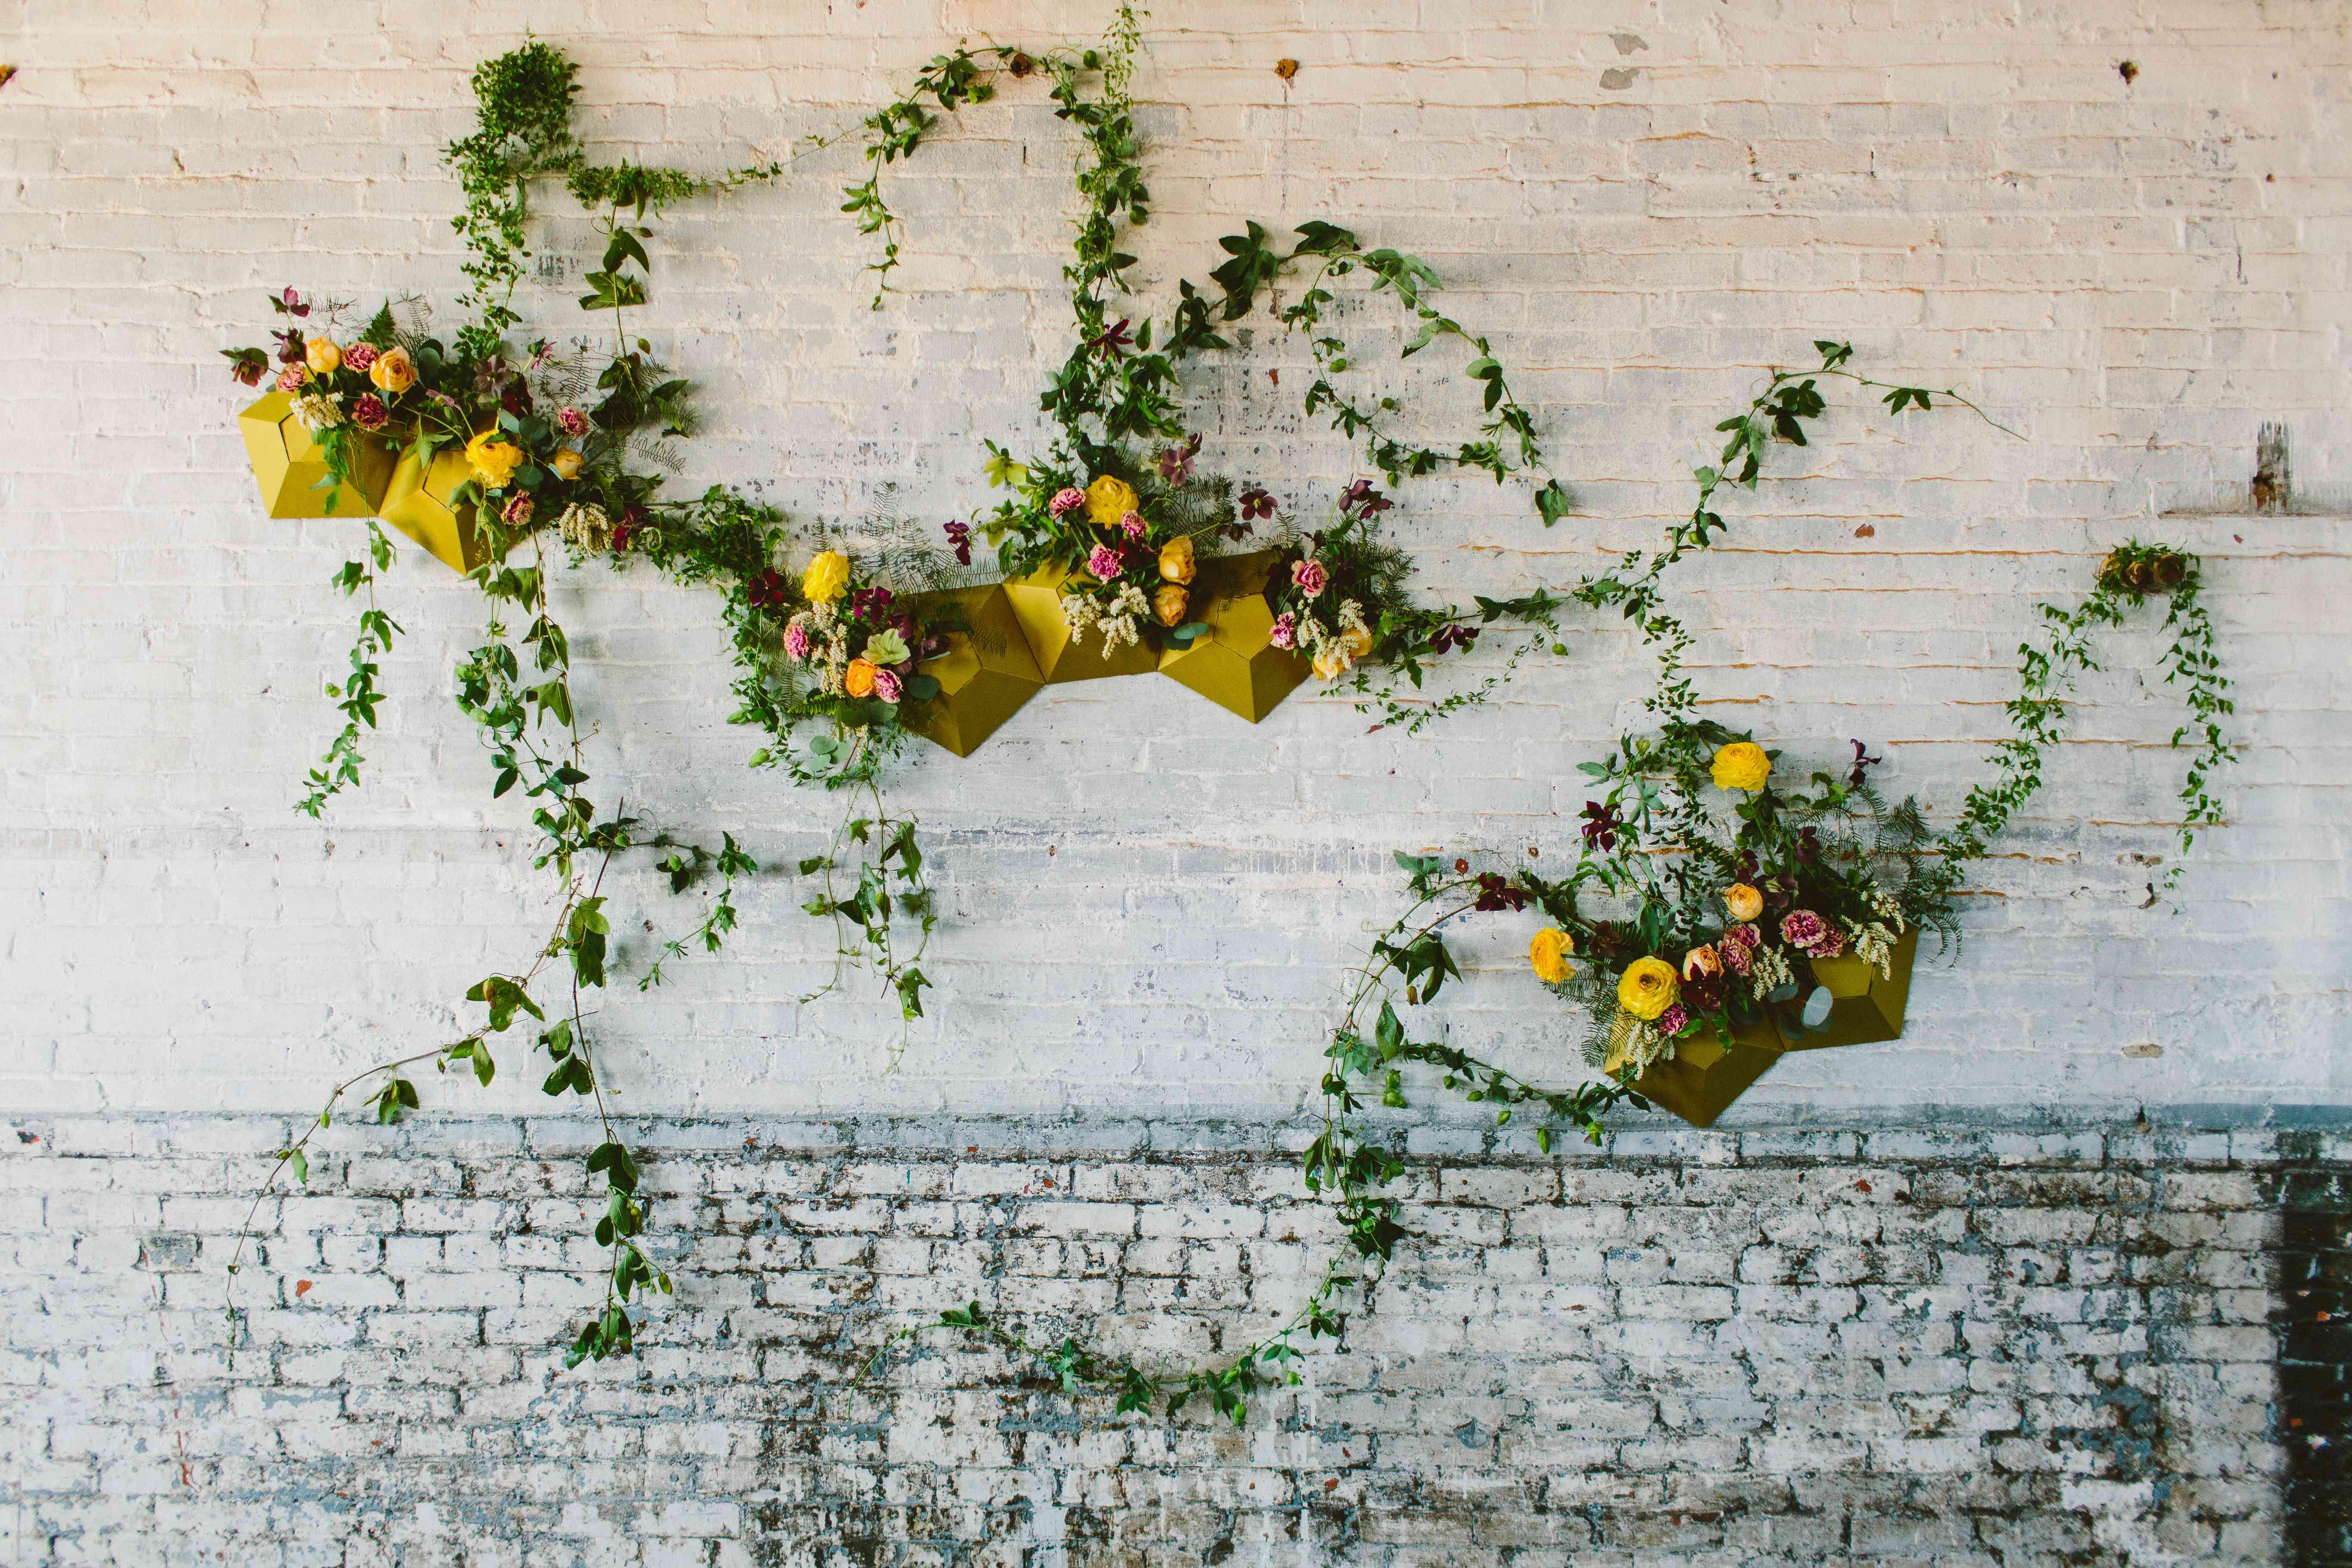 Geometric floral wall art